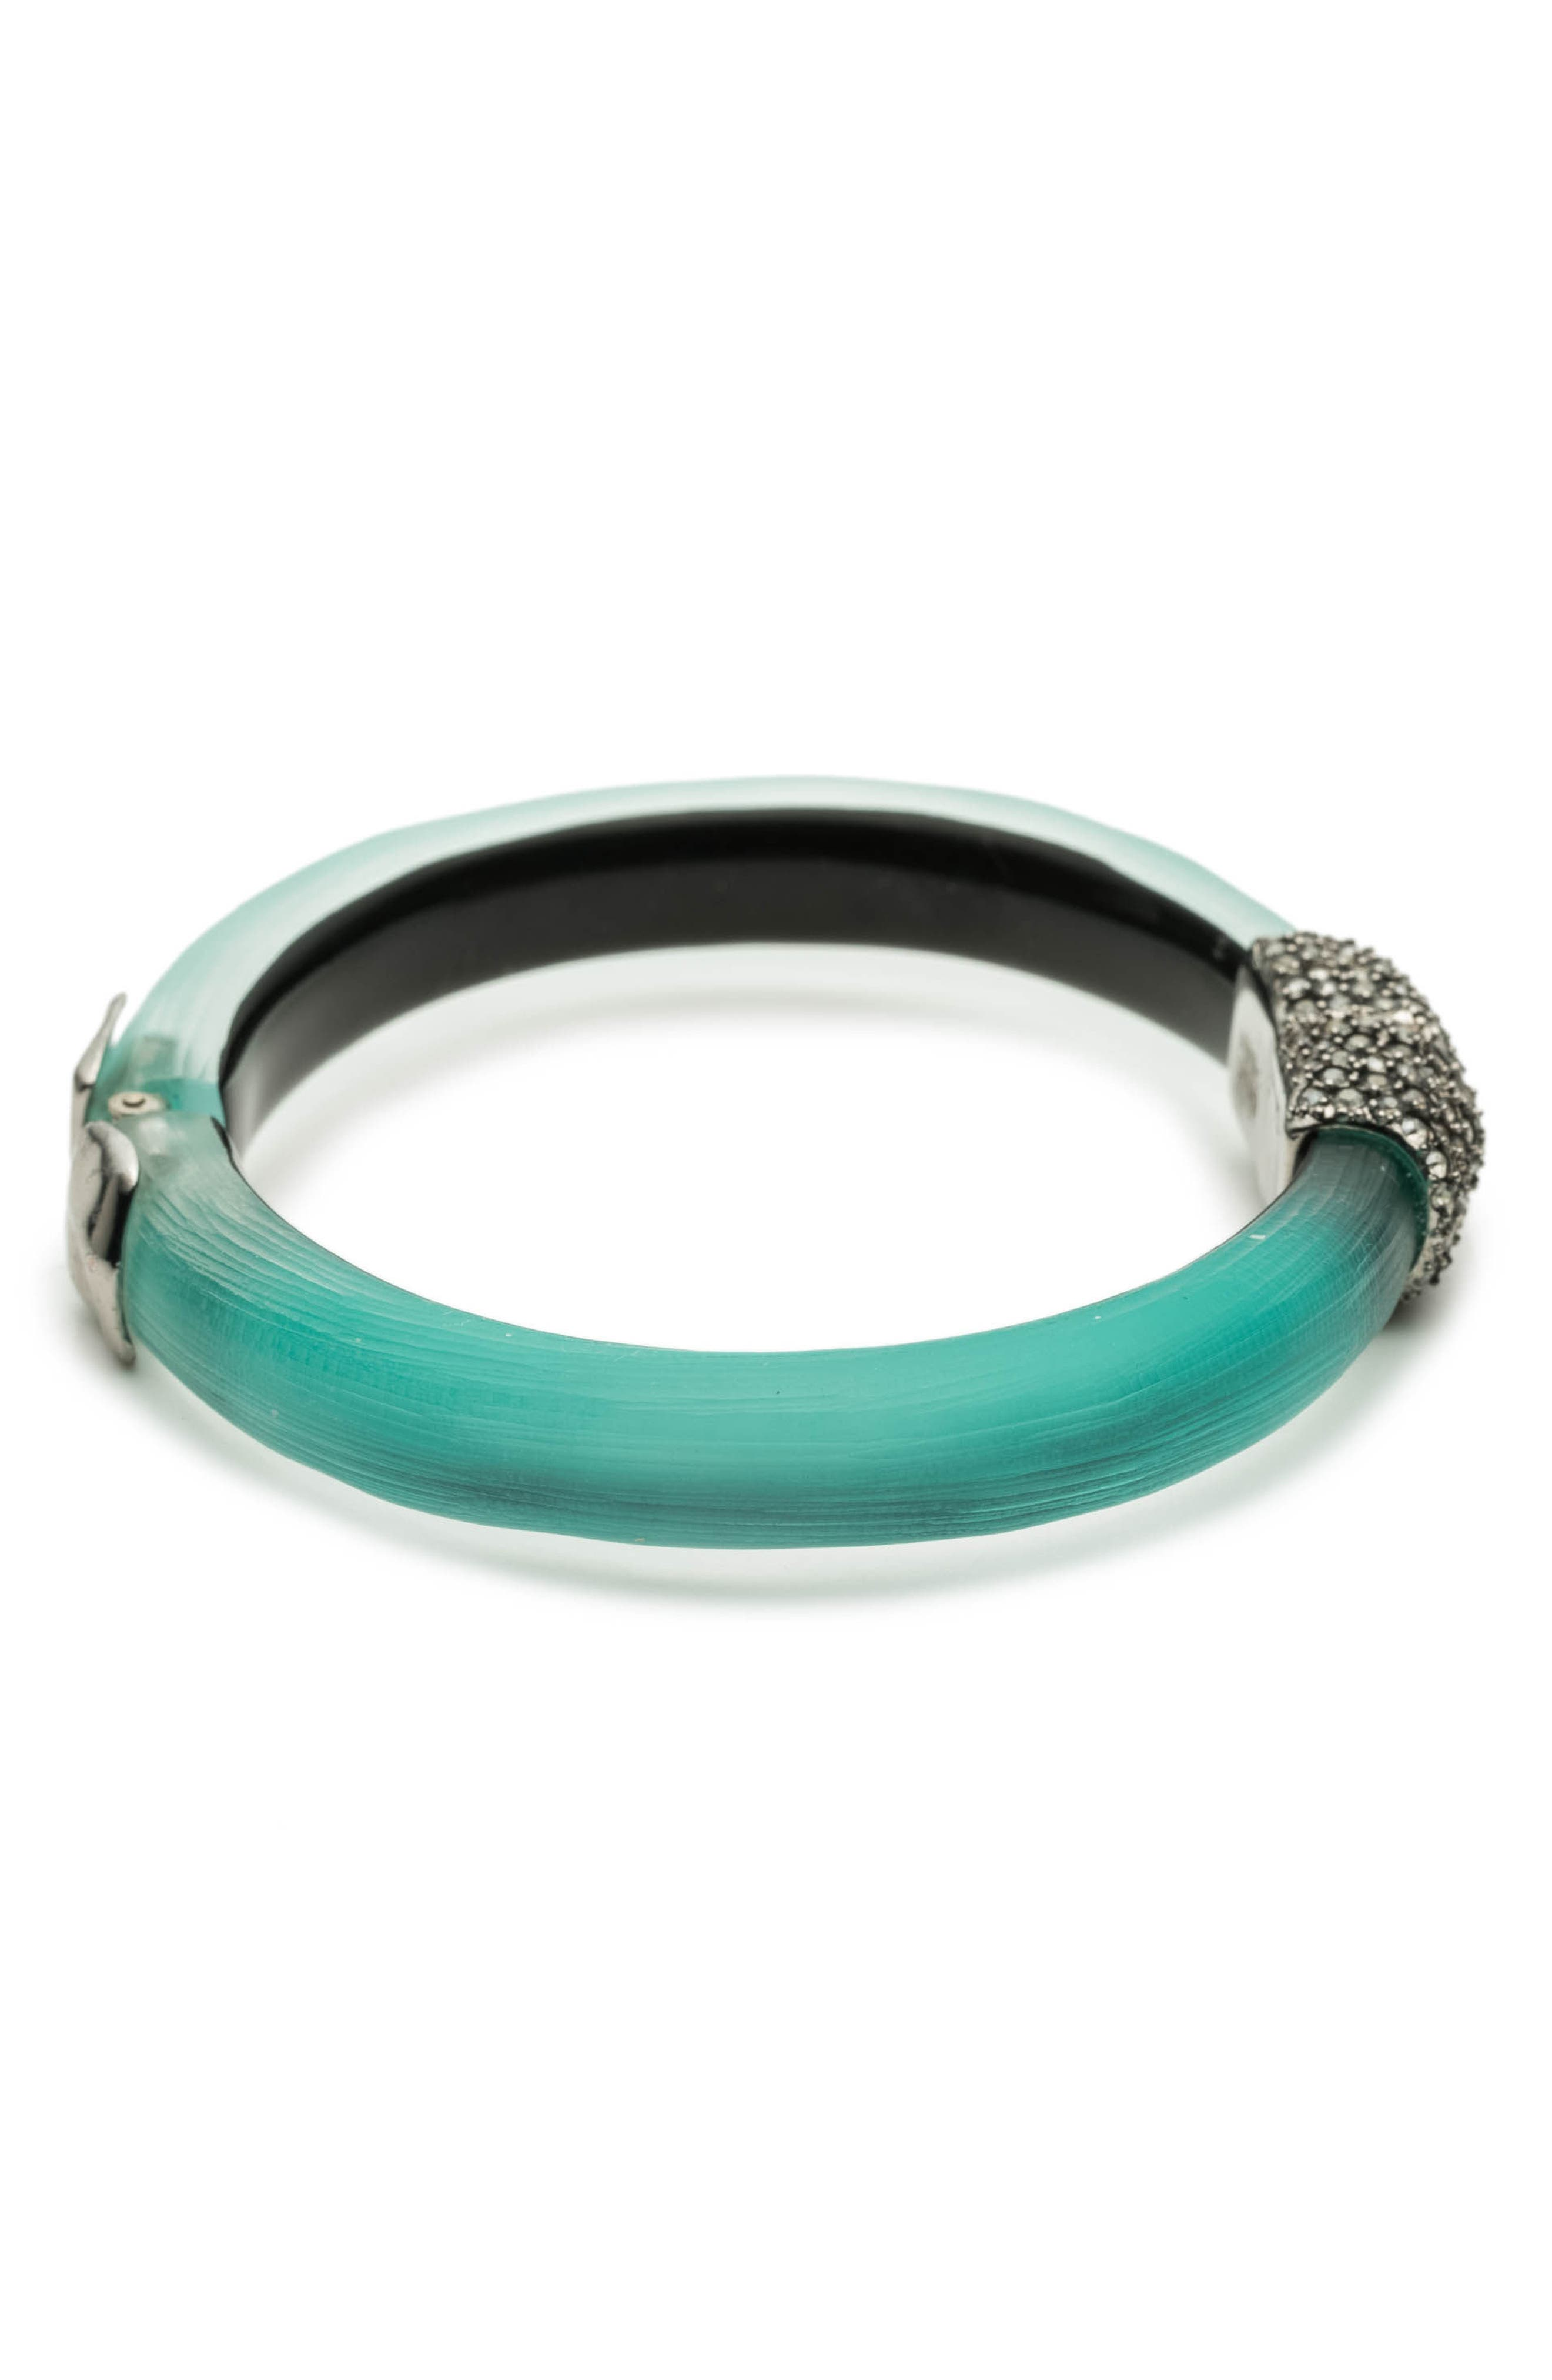 Skinny Hinge Bracelet,                             Alternate thumbnail 3, color,                             Mint Green